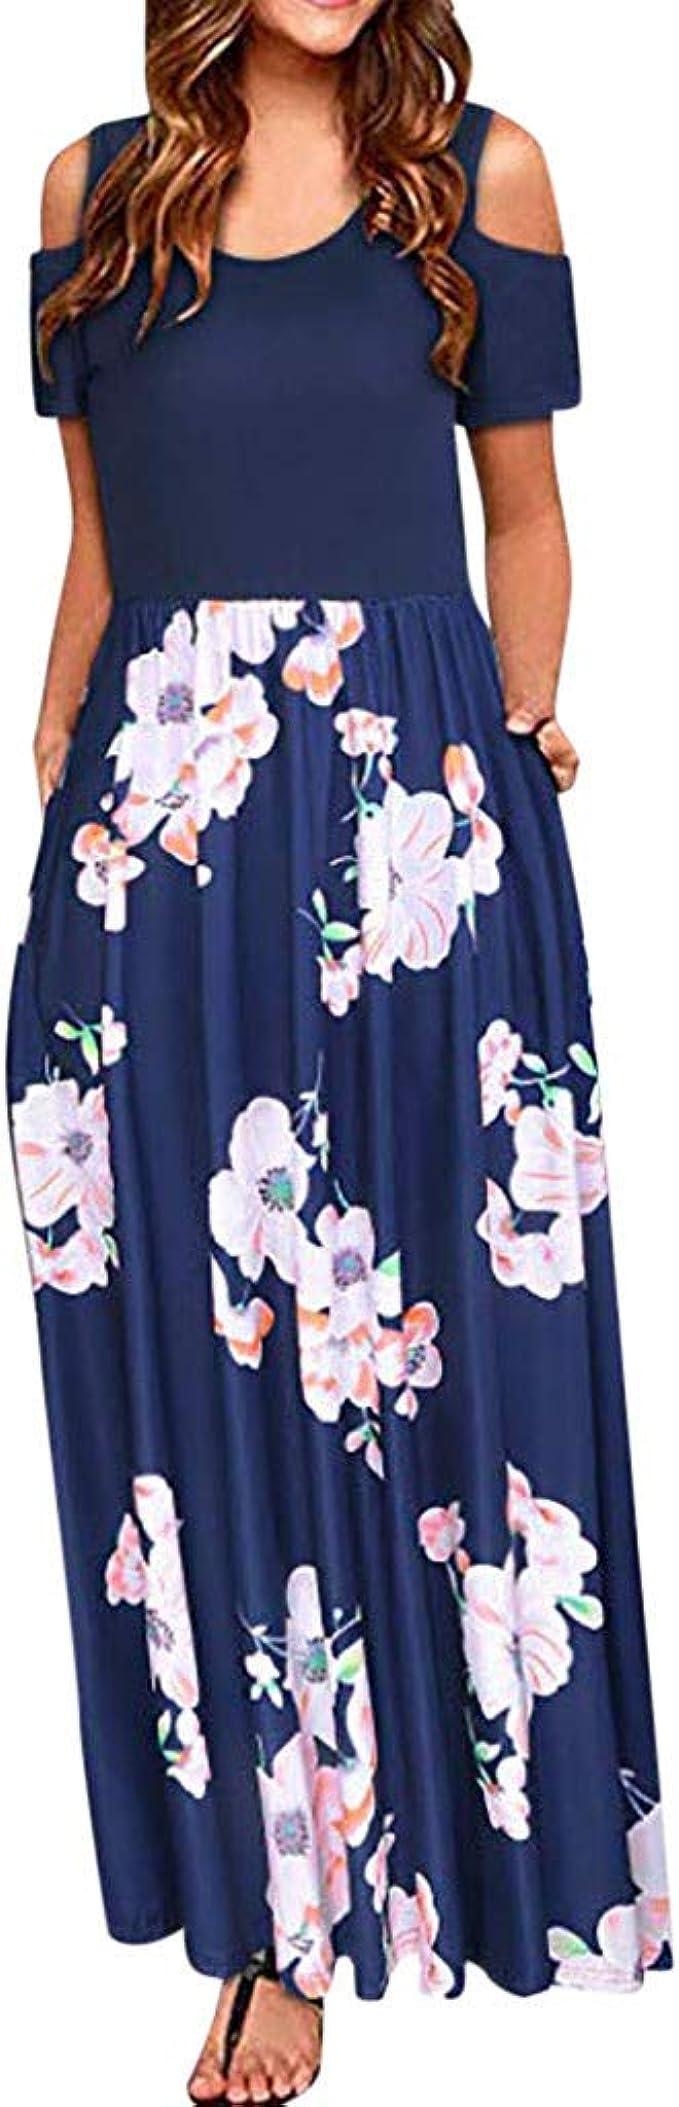 Zegeey Damen Kleid Sommer Kurzarm Schulterfrei Einfarbig Sommermode Sale  Blumenkleid Maxi Kleid A-Linie Kleider Vintage Elegant Frühling LäSsige